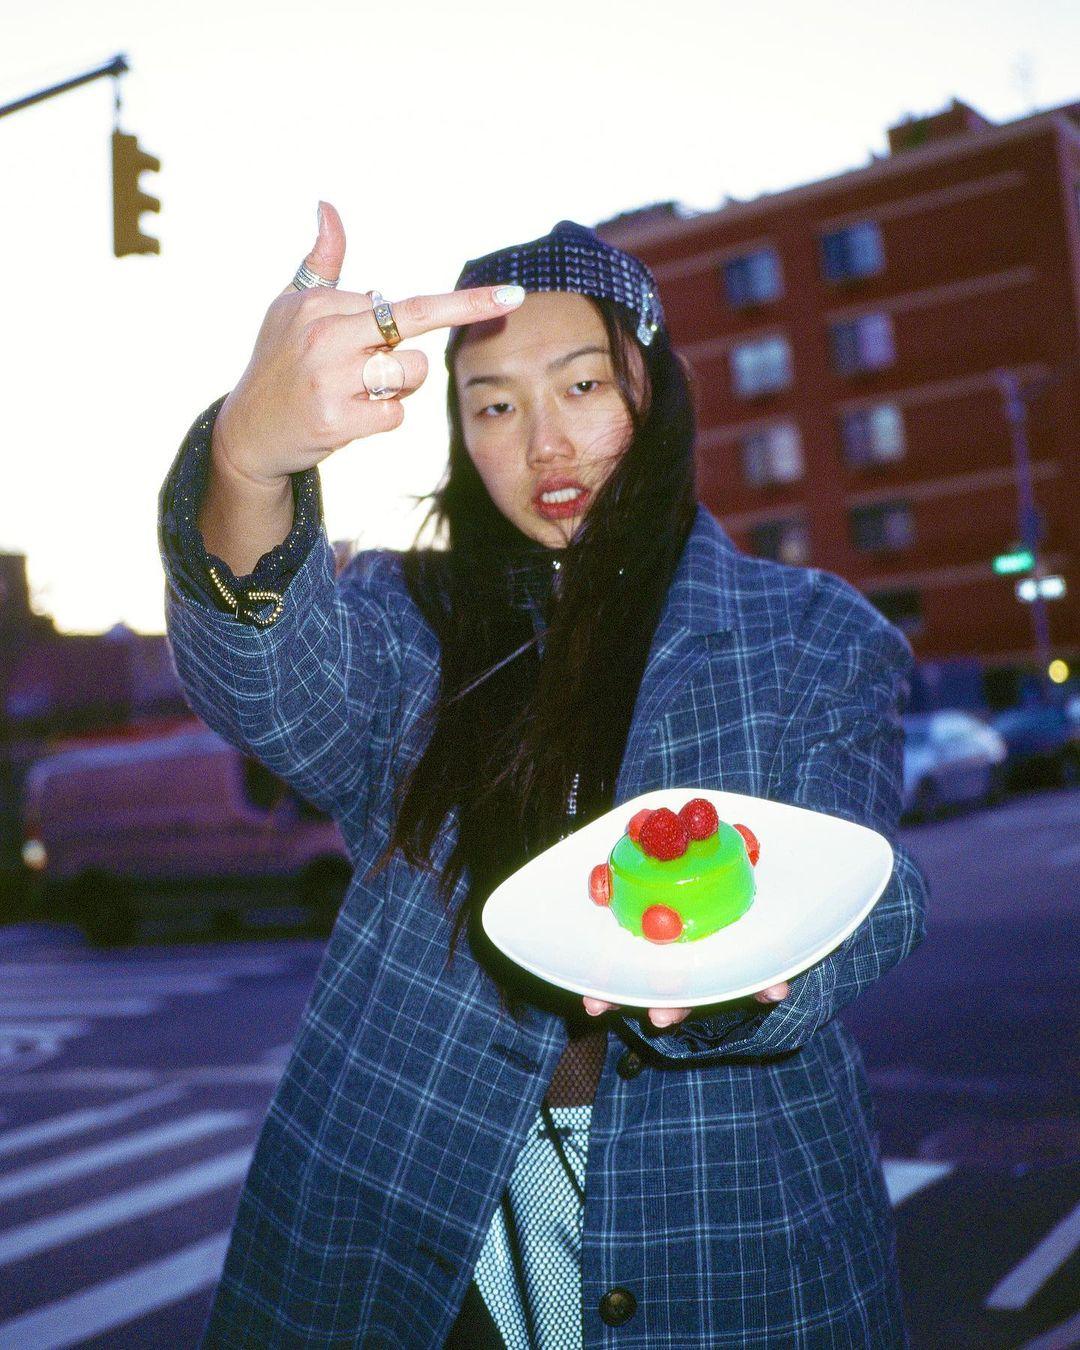 MOR.BO RIOT: Audrey Nuna, la artista coreano-norteamericana que crea deliciosas mezclas de R&B, hip-hop y trap experimental